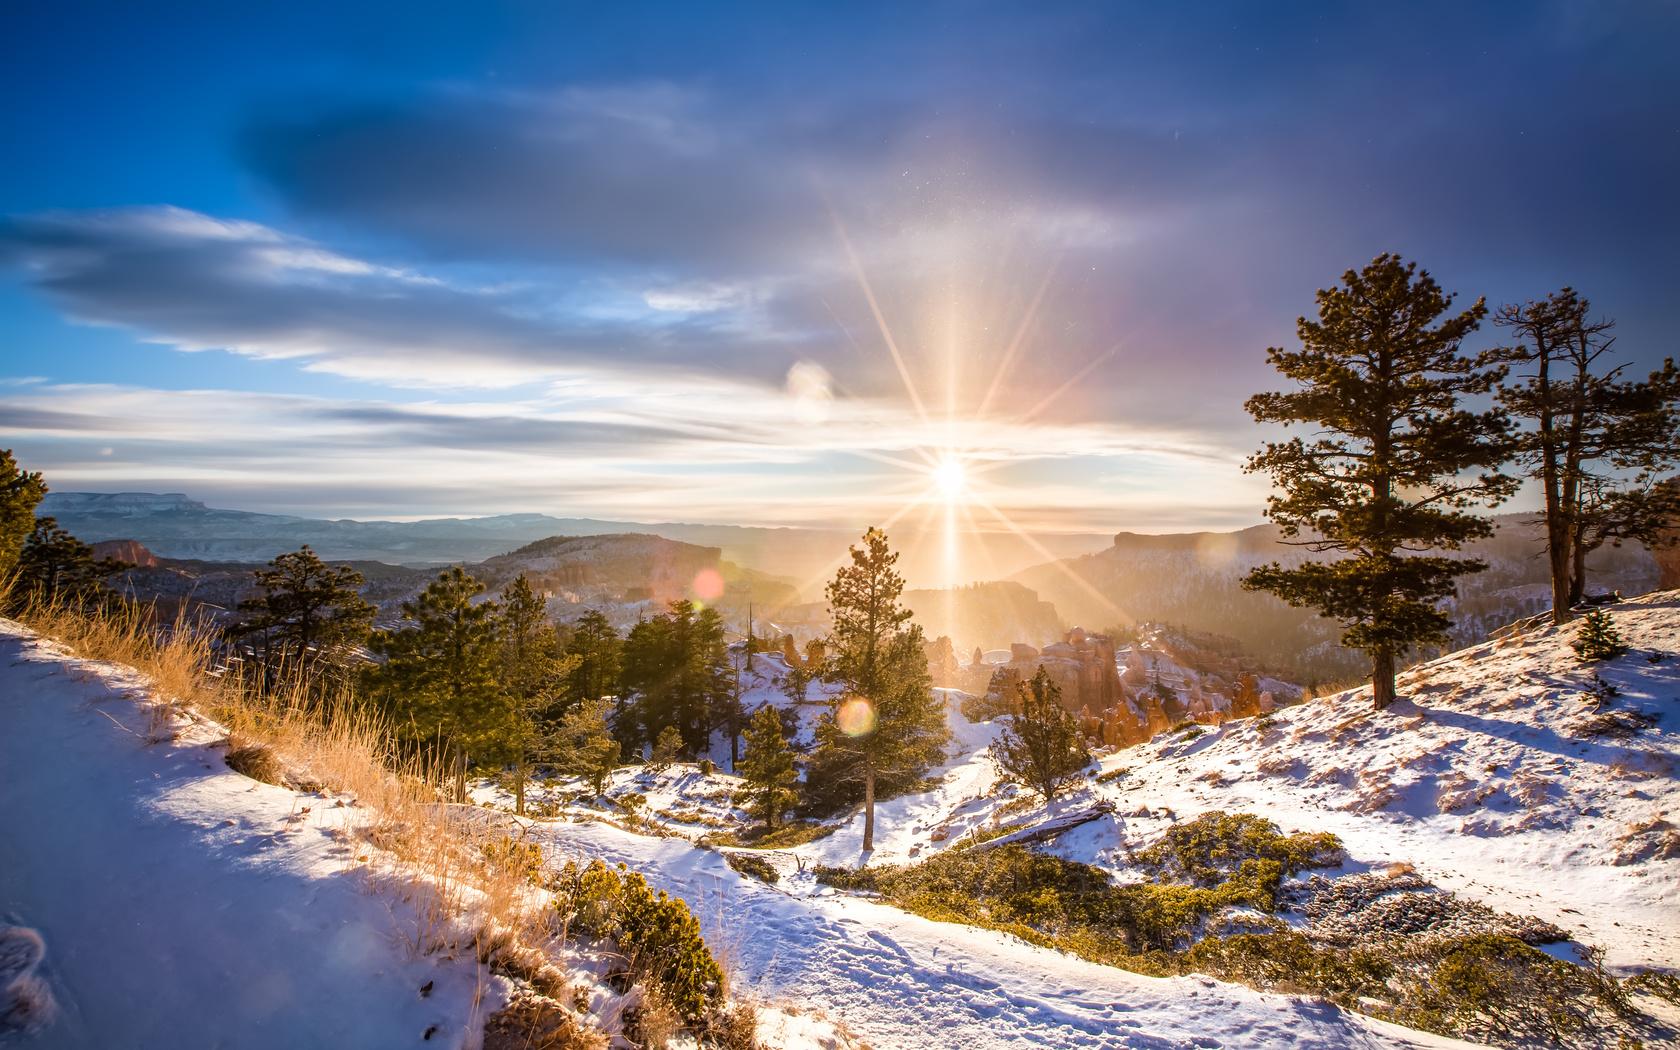 крупнейший утро солнце снег картинки старых амбаров